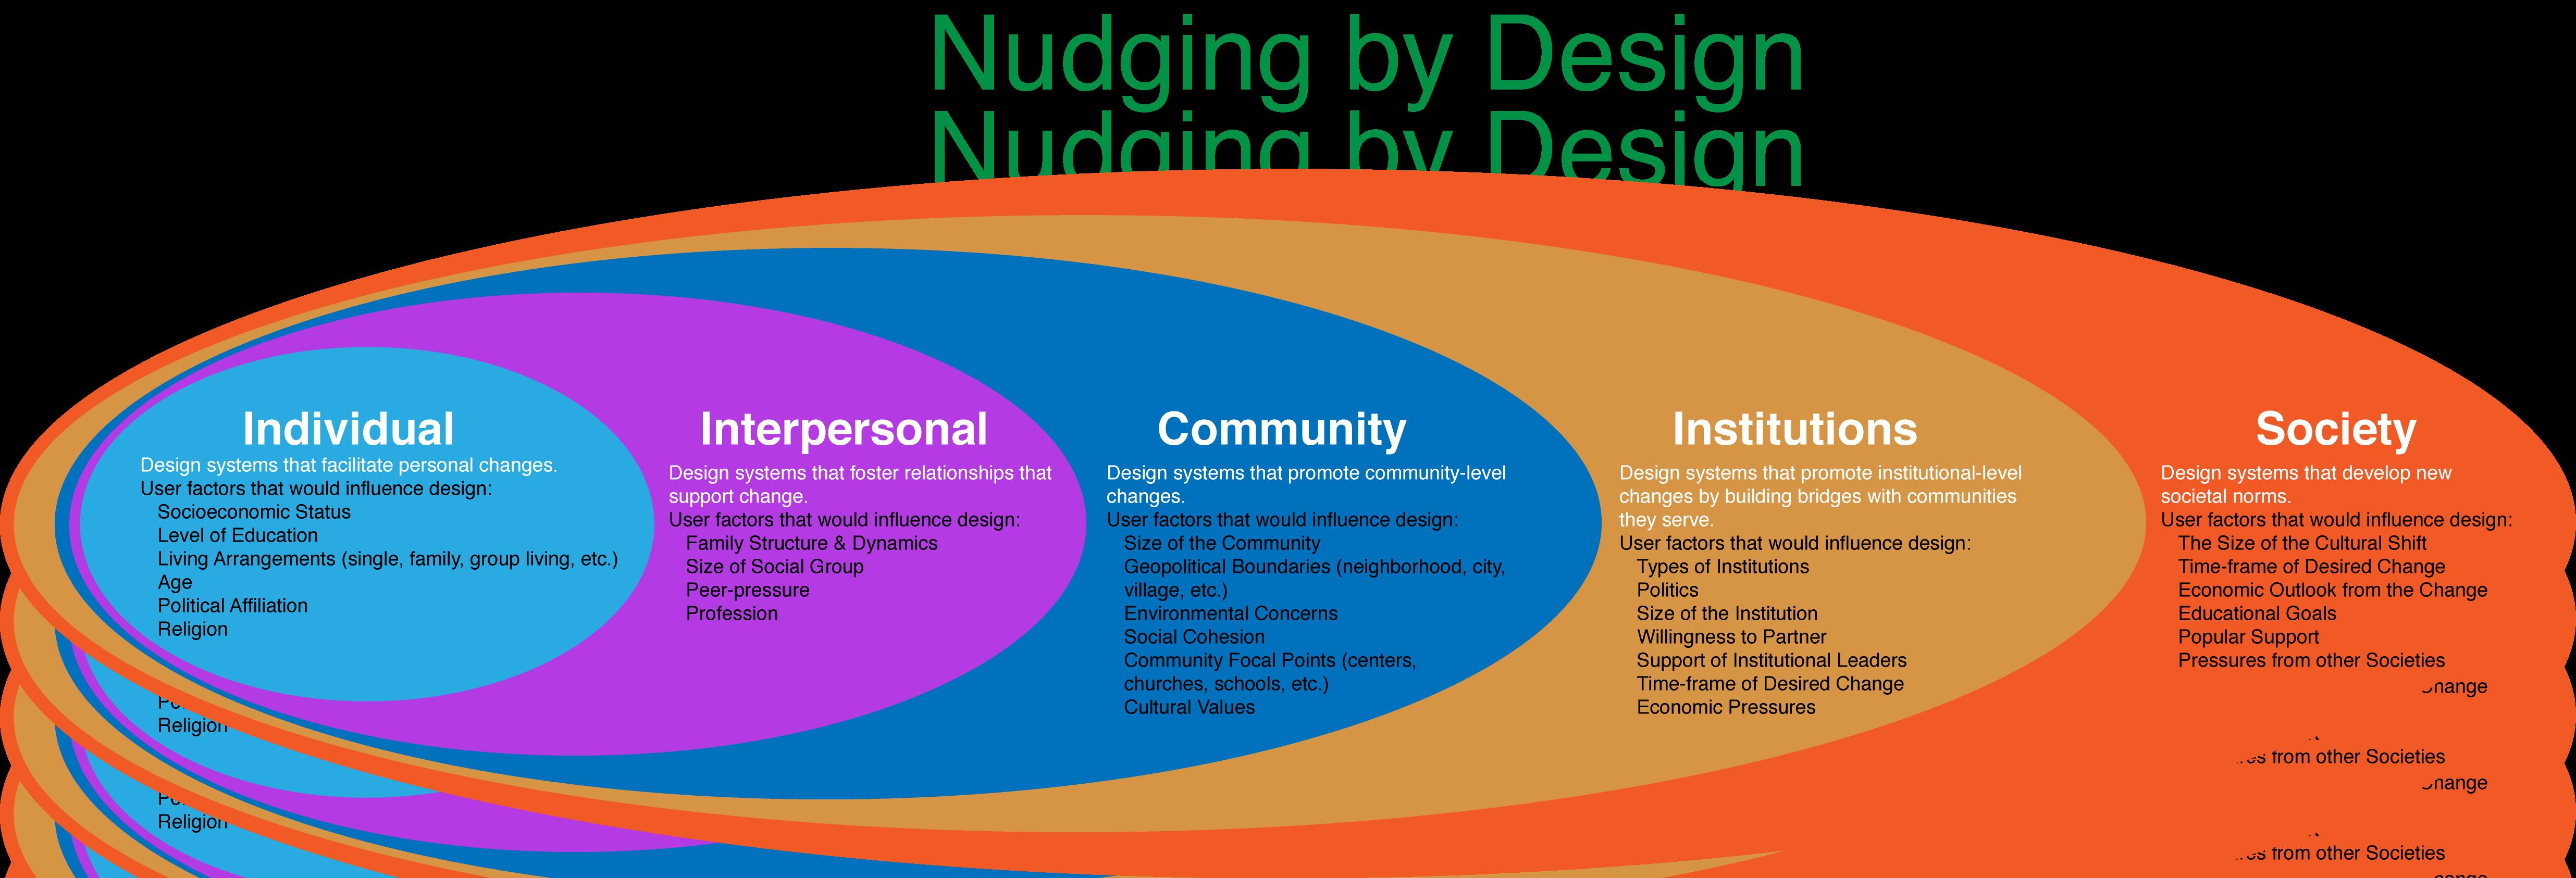 design for social good